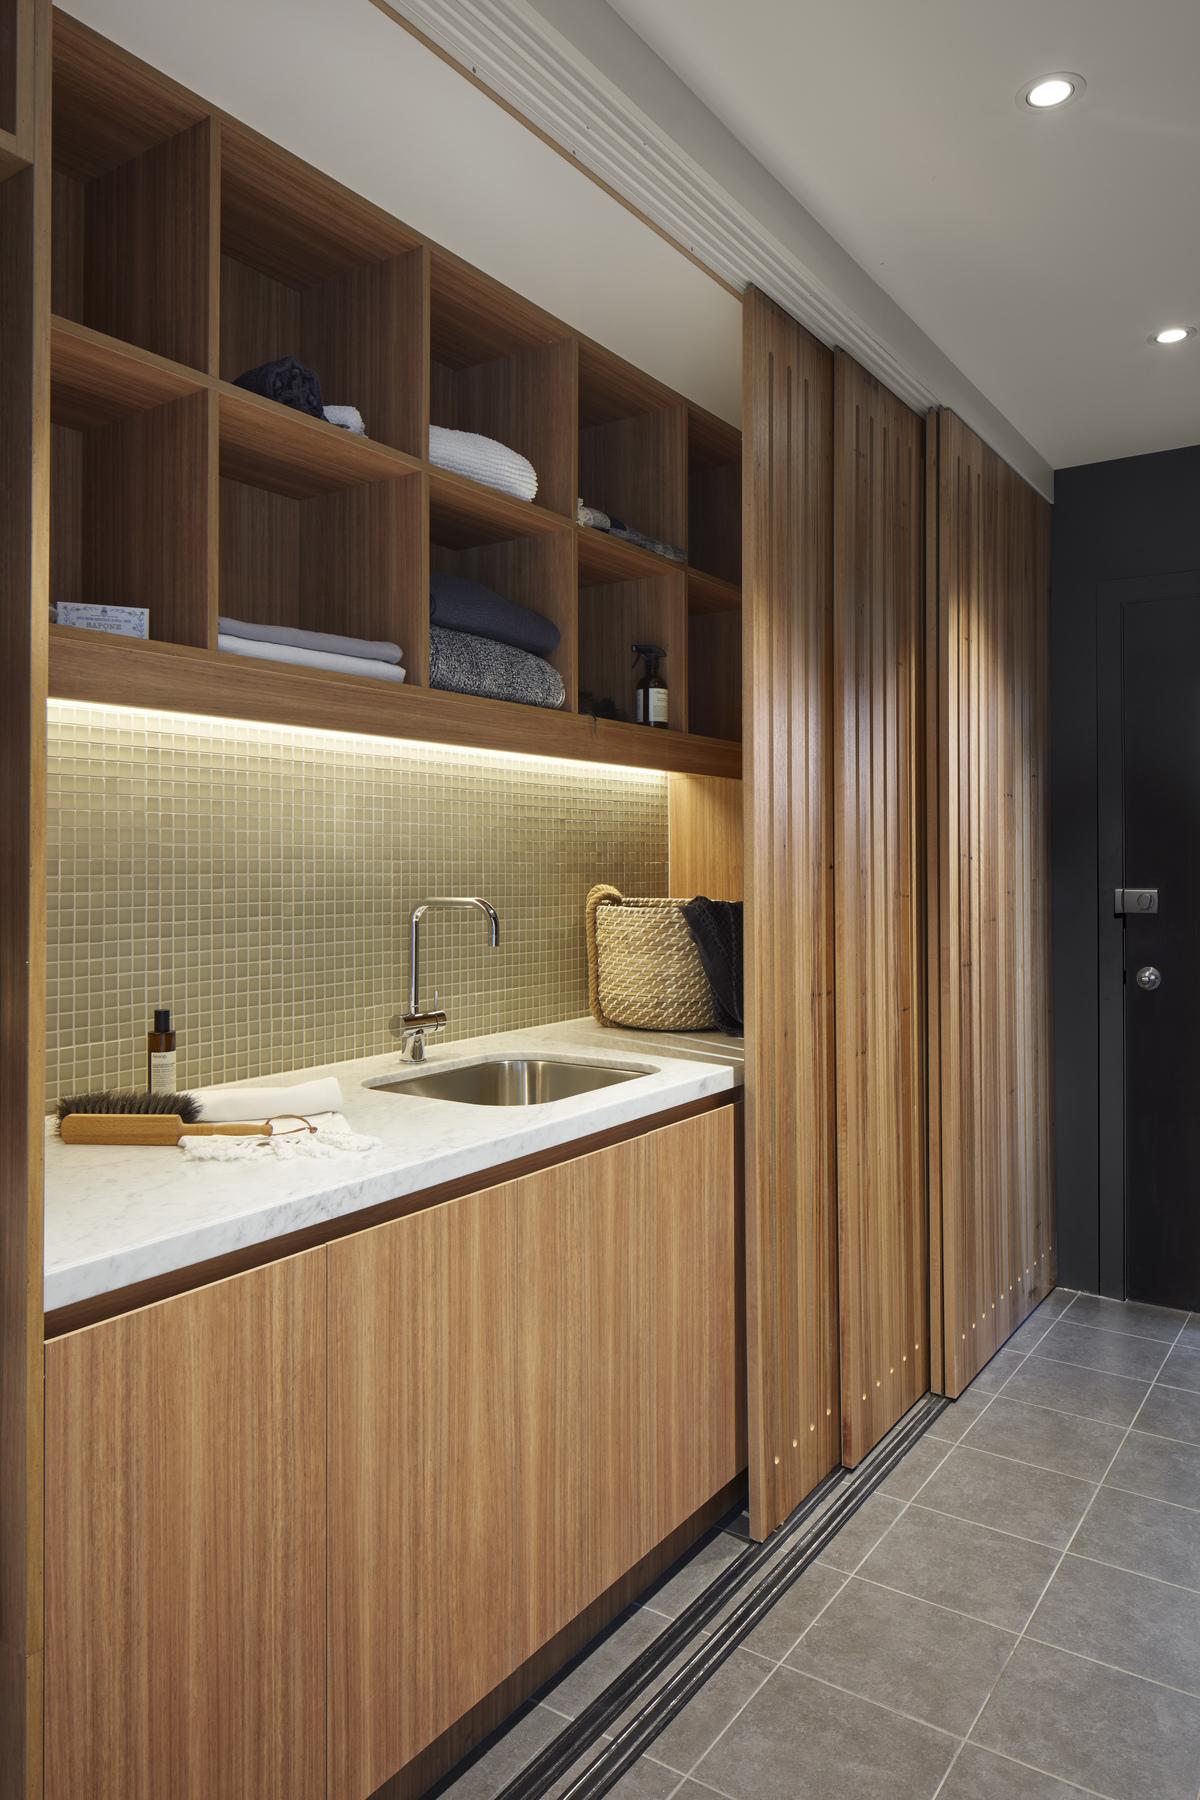 Australian Design, Kingsville Residence by Richard King Design, Melbourne, VIC, Australia (9)